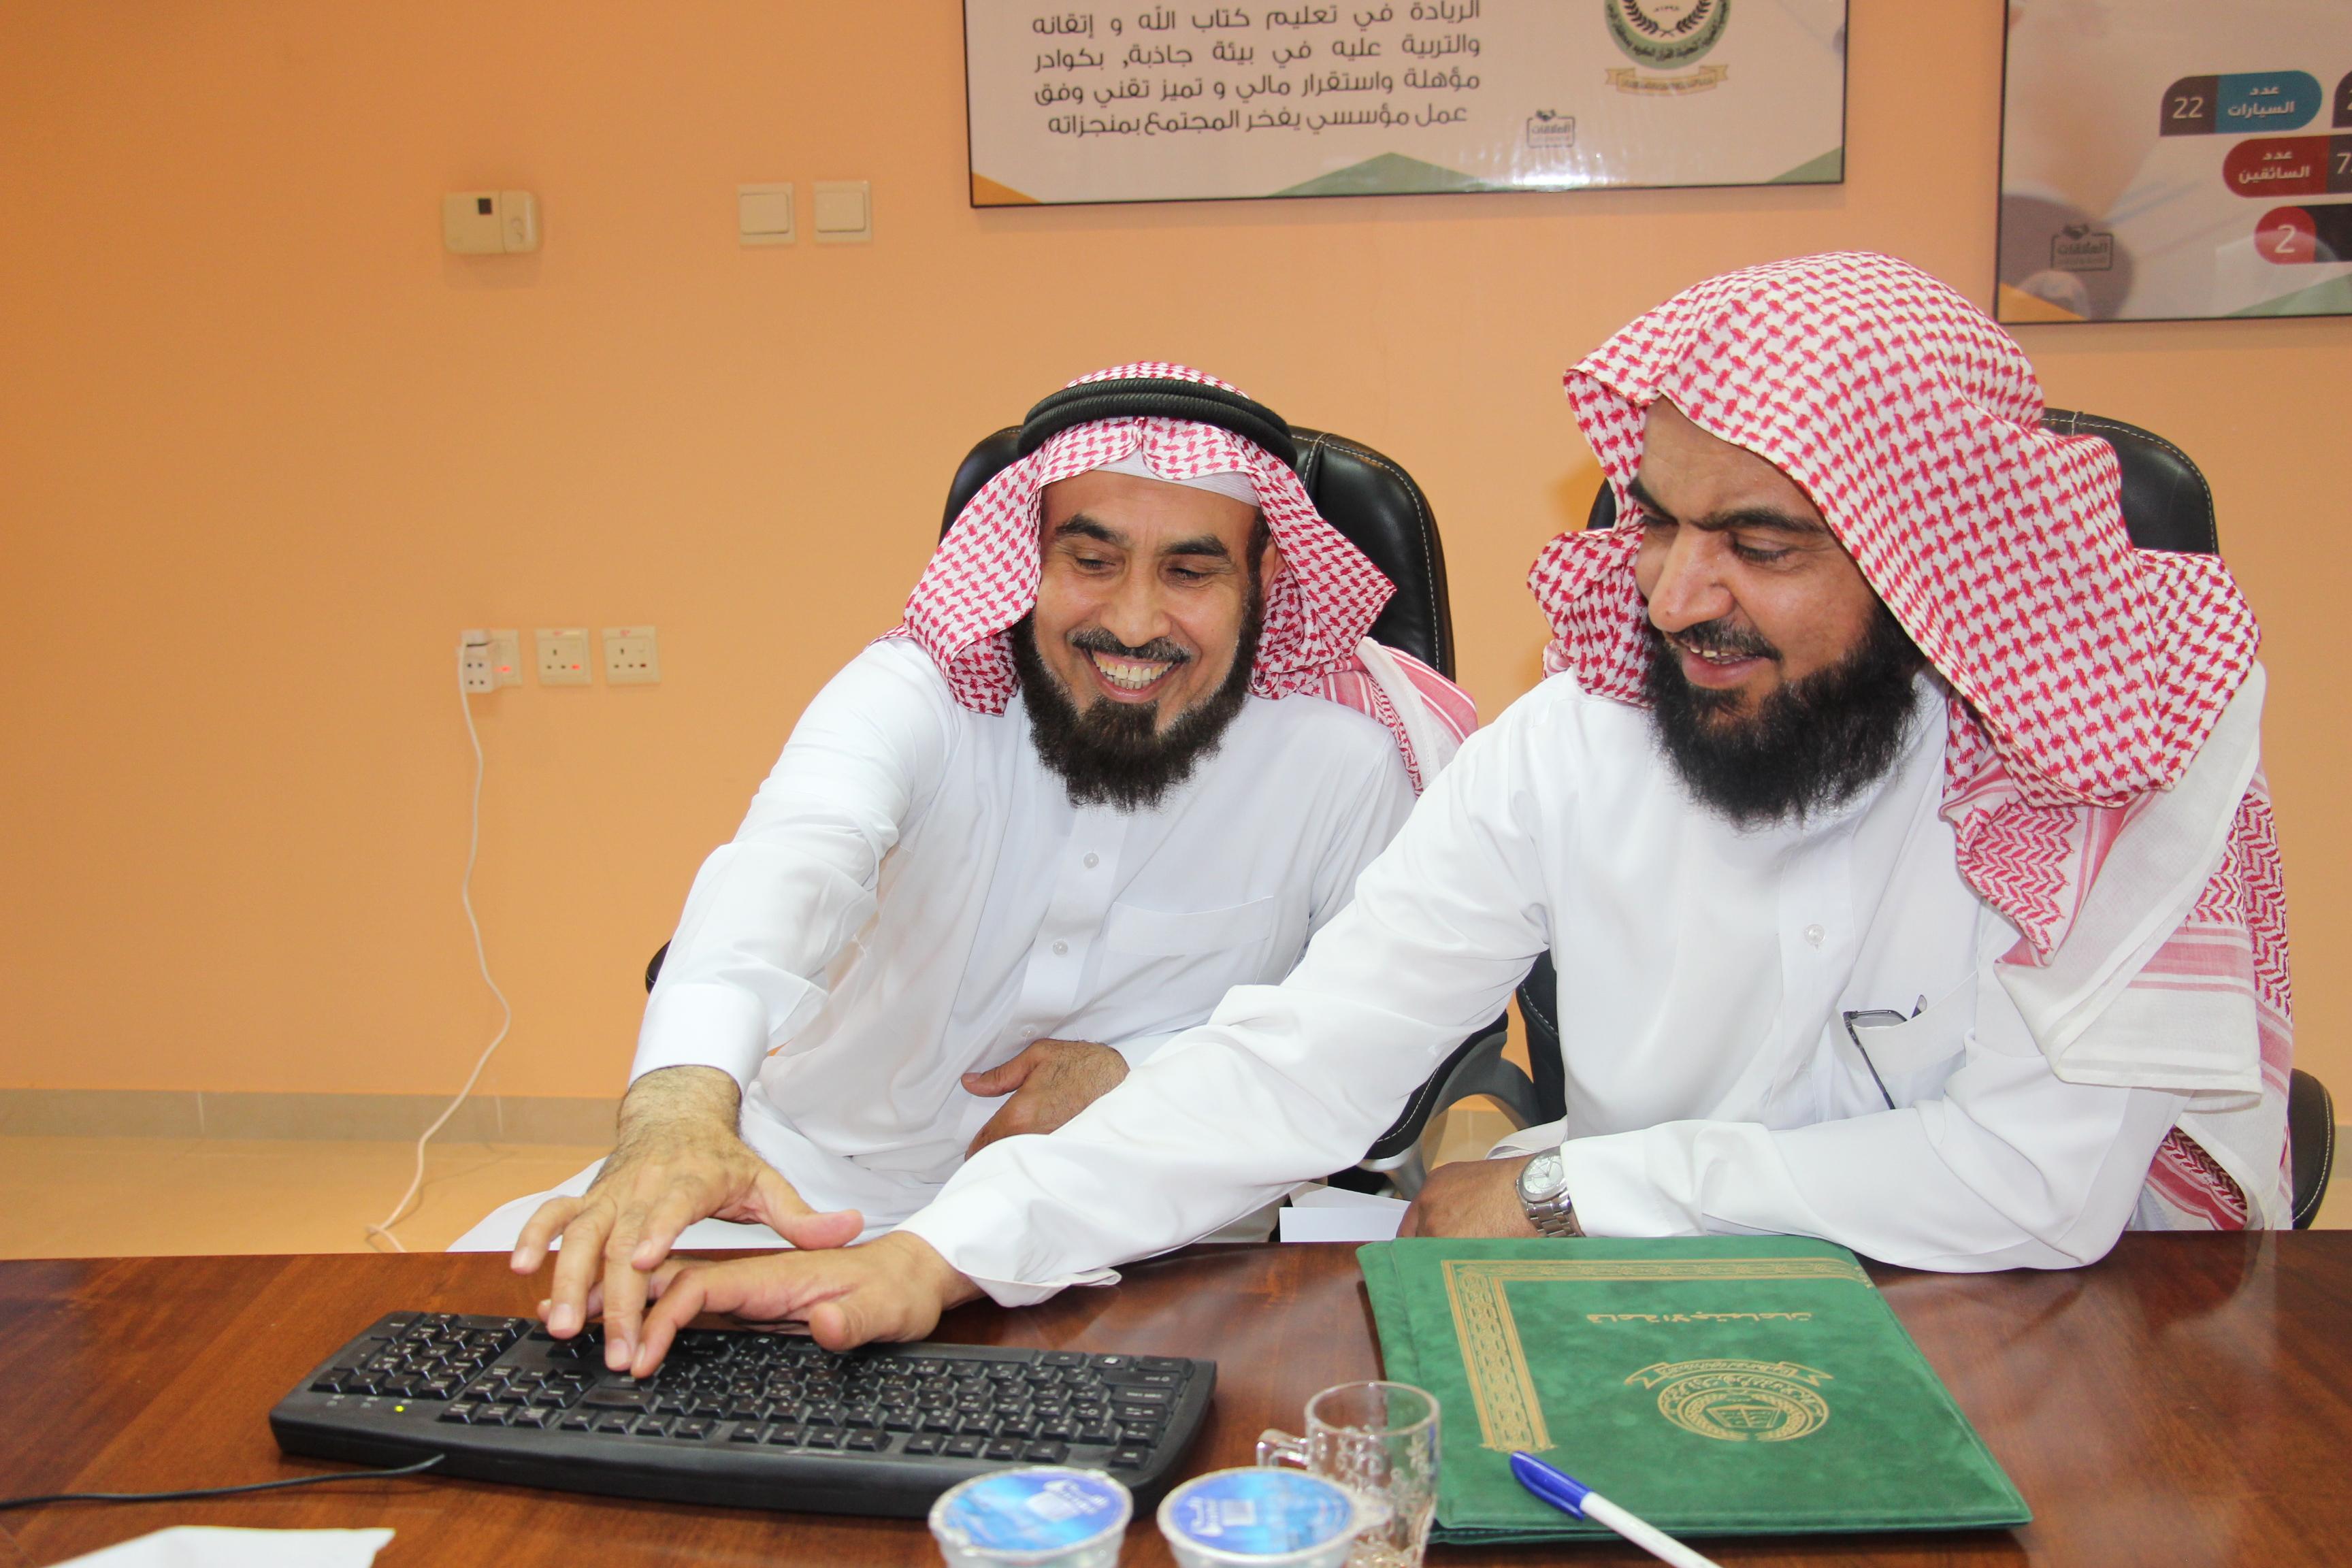 تدشين الموقع الإلكتروني بمقر جمعية تحفيظ القرآن الكريم بمحافظة الرس